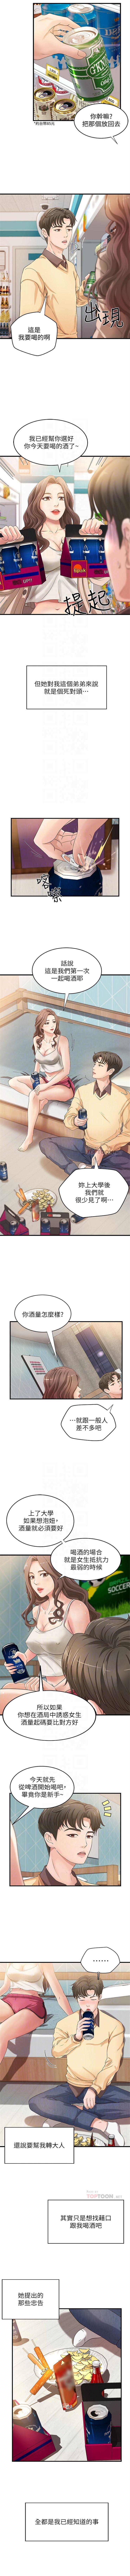 御姐的實戰教學 1-27 官方中文(連載中) 11